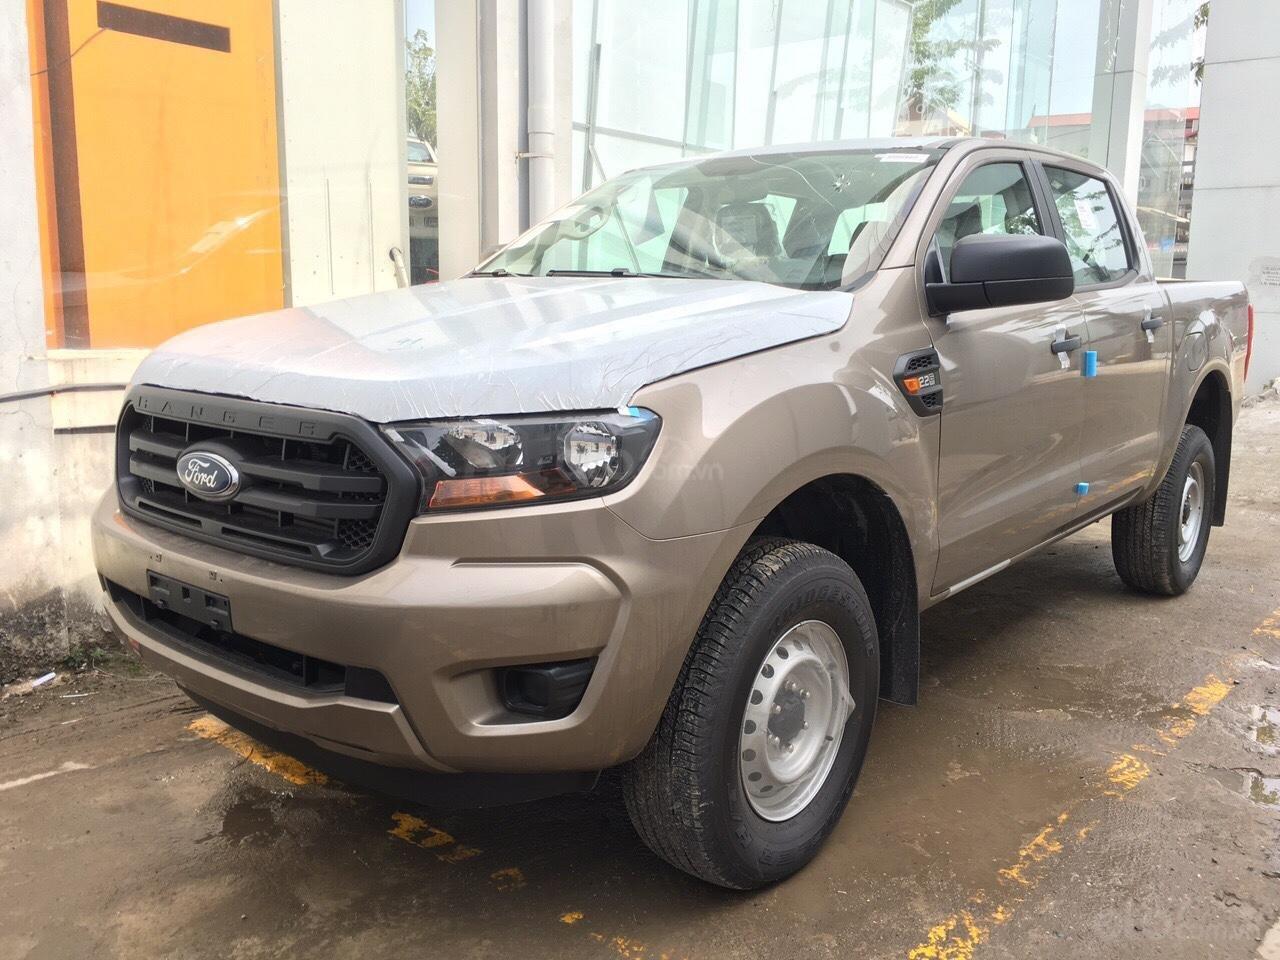 Lai Châu bán Ford Ranger XL 2.2 MT 4x4 sản xuất 2019, xe nhập giá cạnh tranh, hỗ trợ trả góp - LH 0974286009 (3)